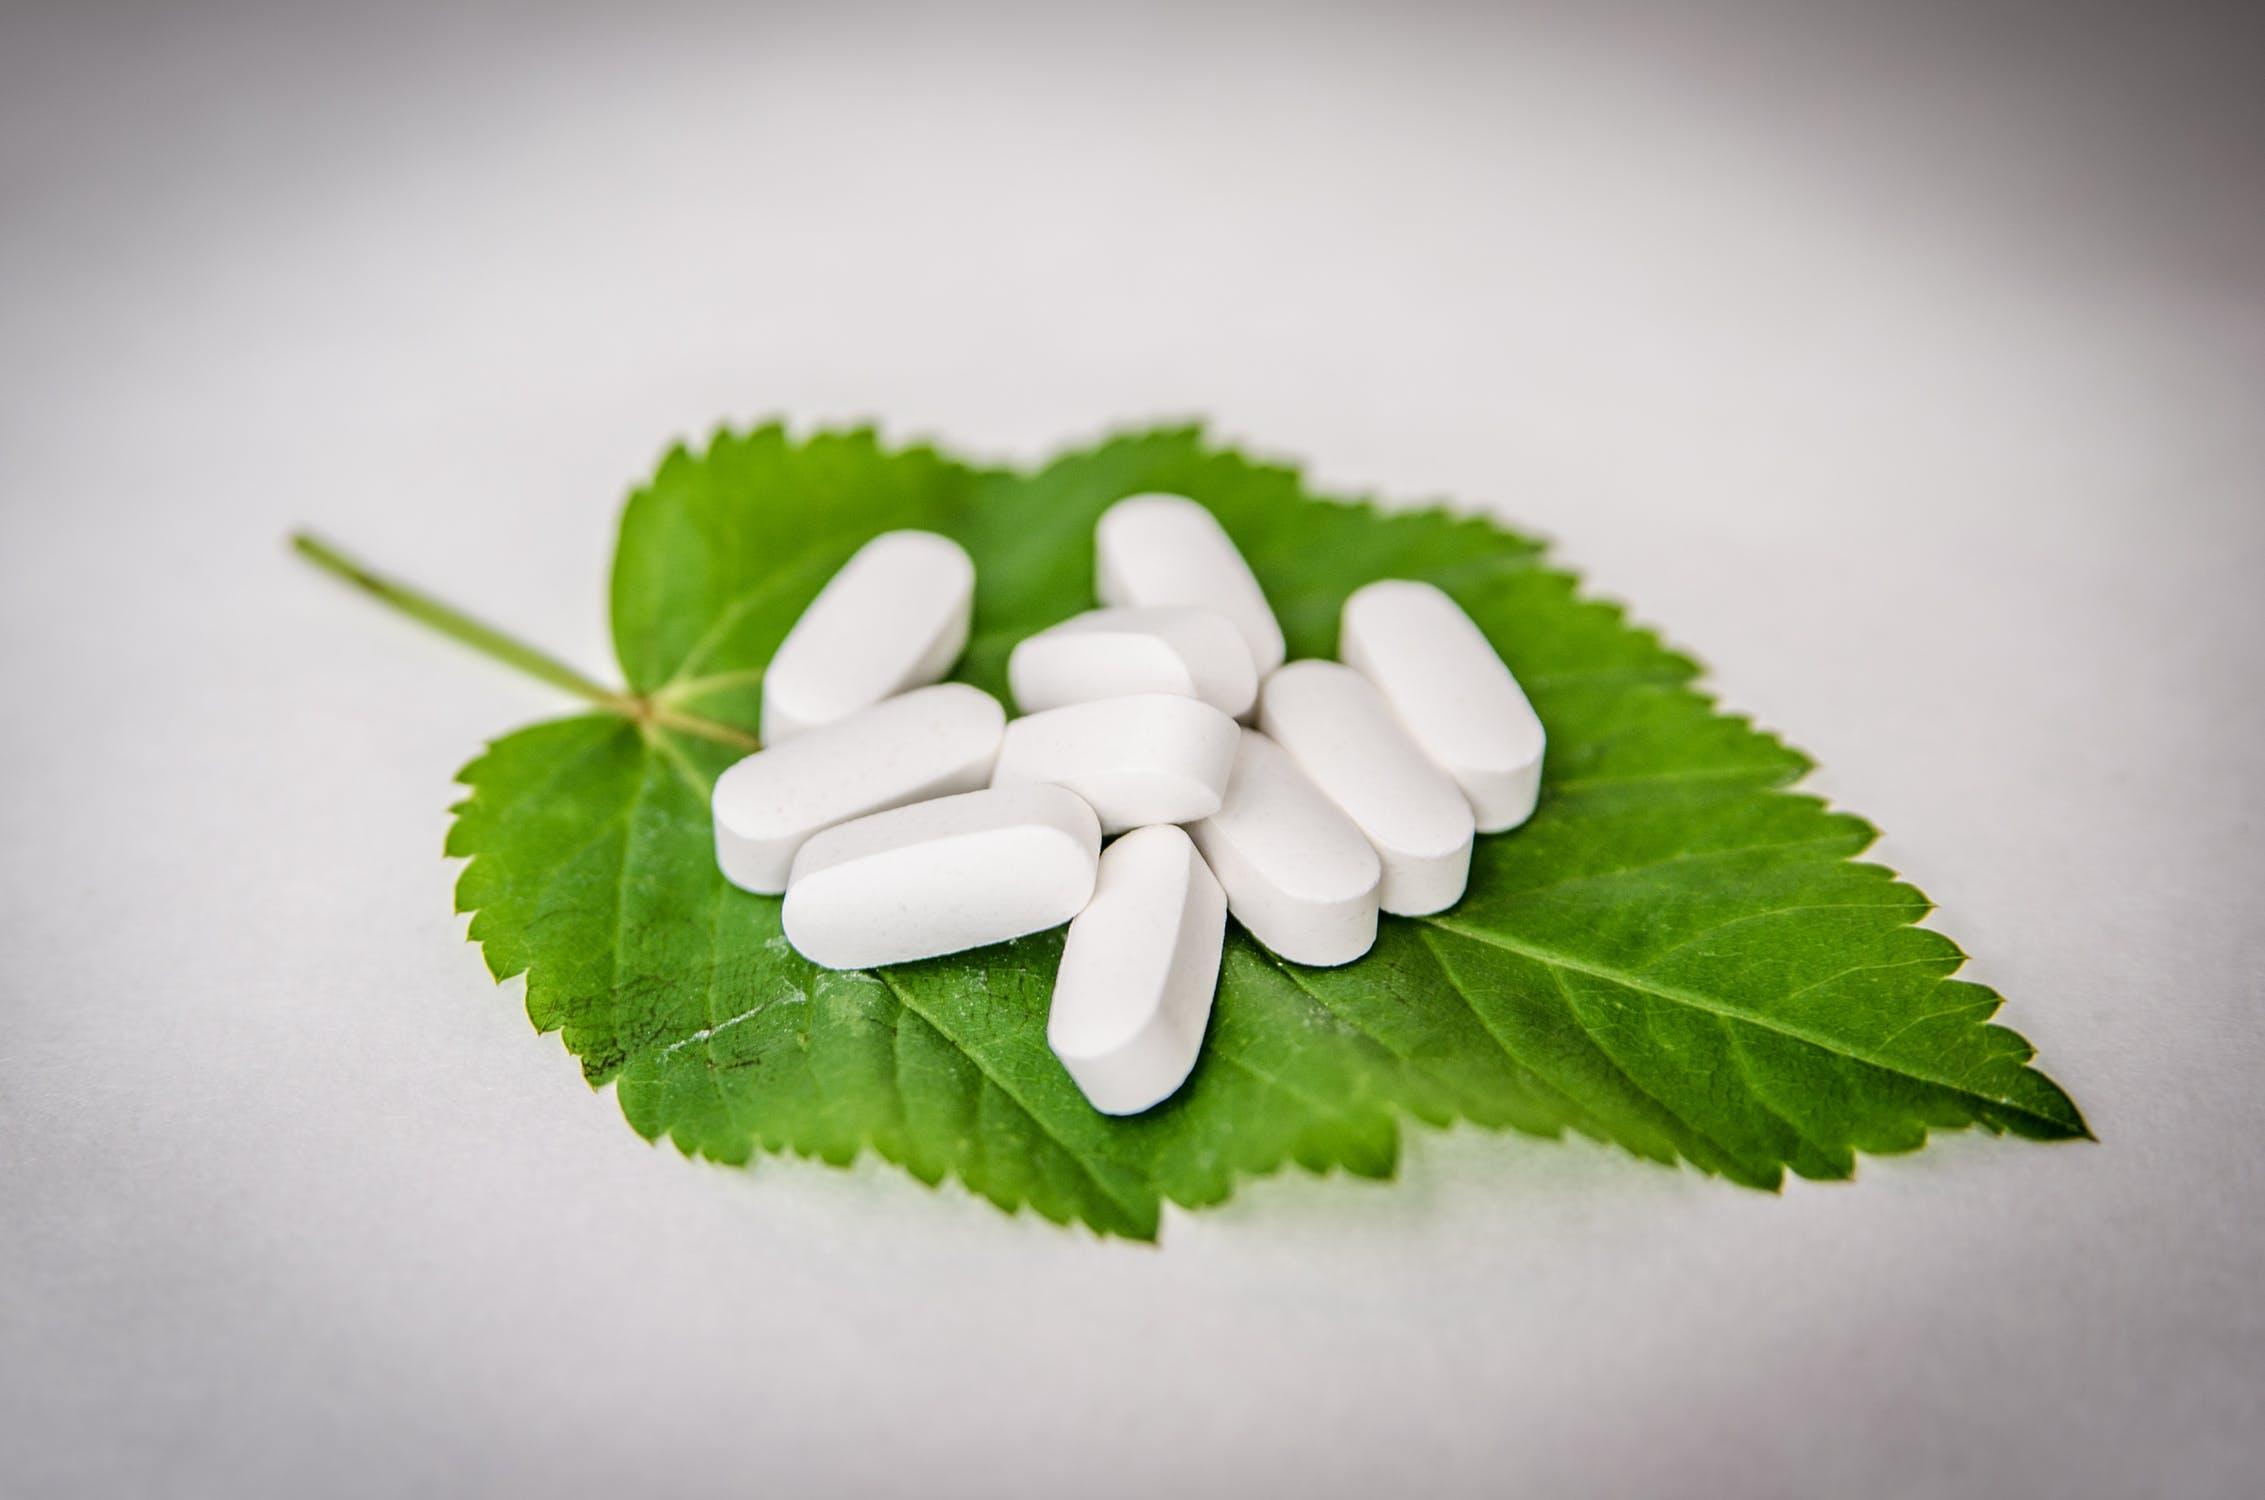 bydureon prescription assistance